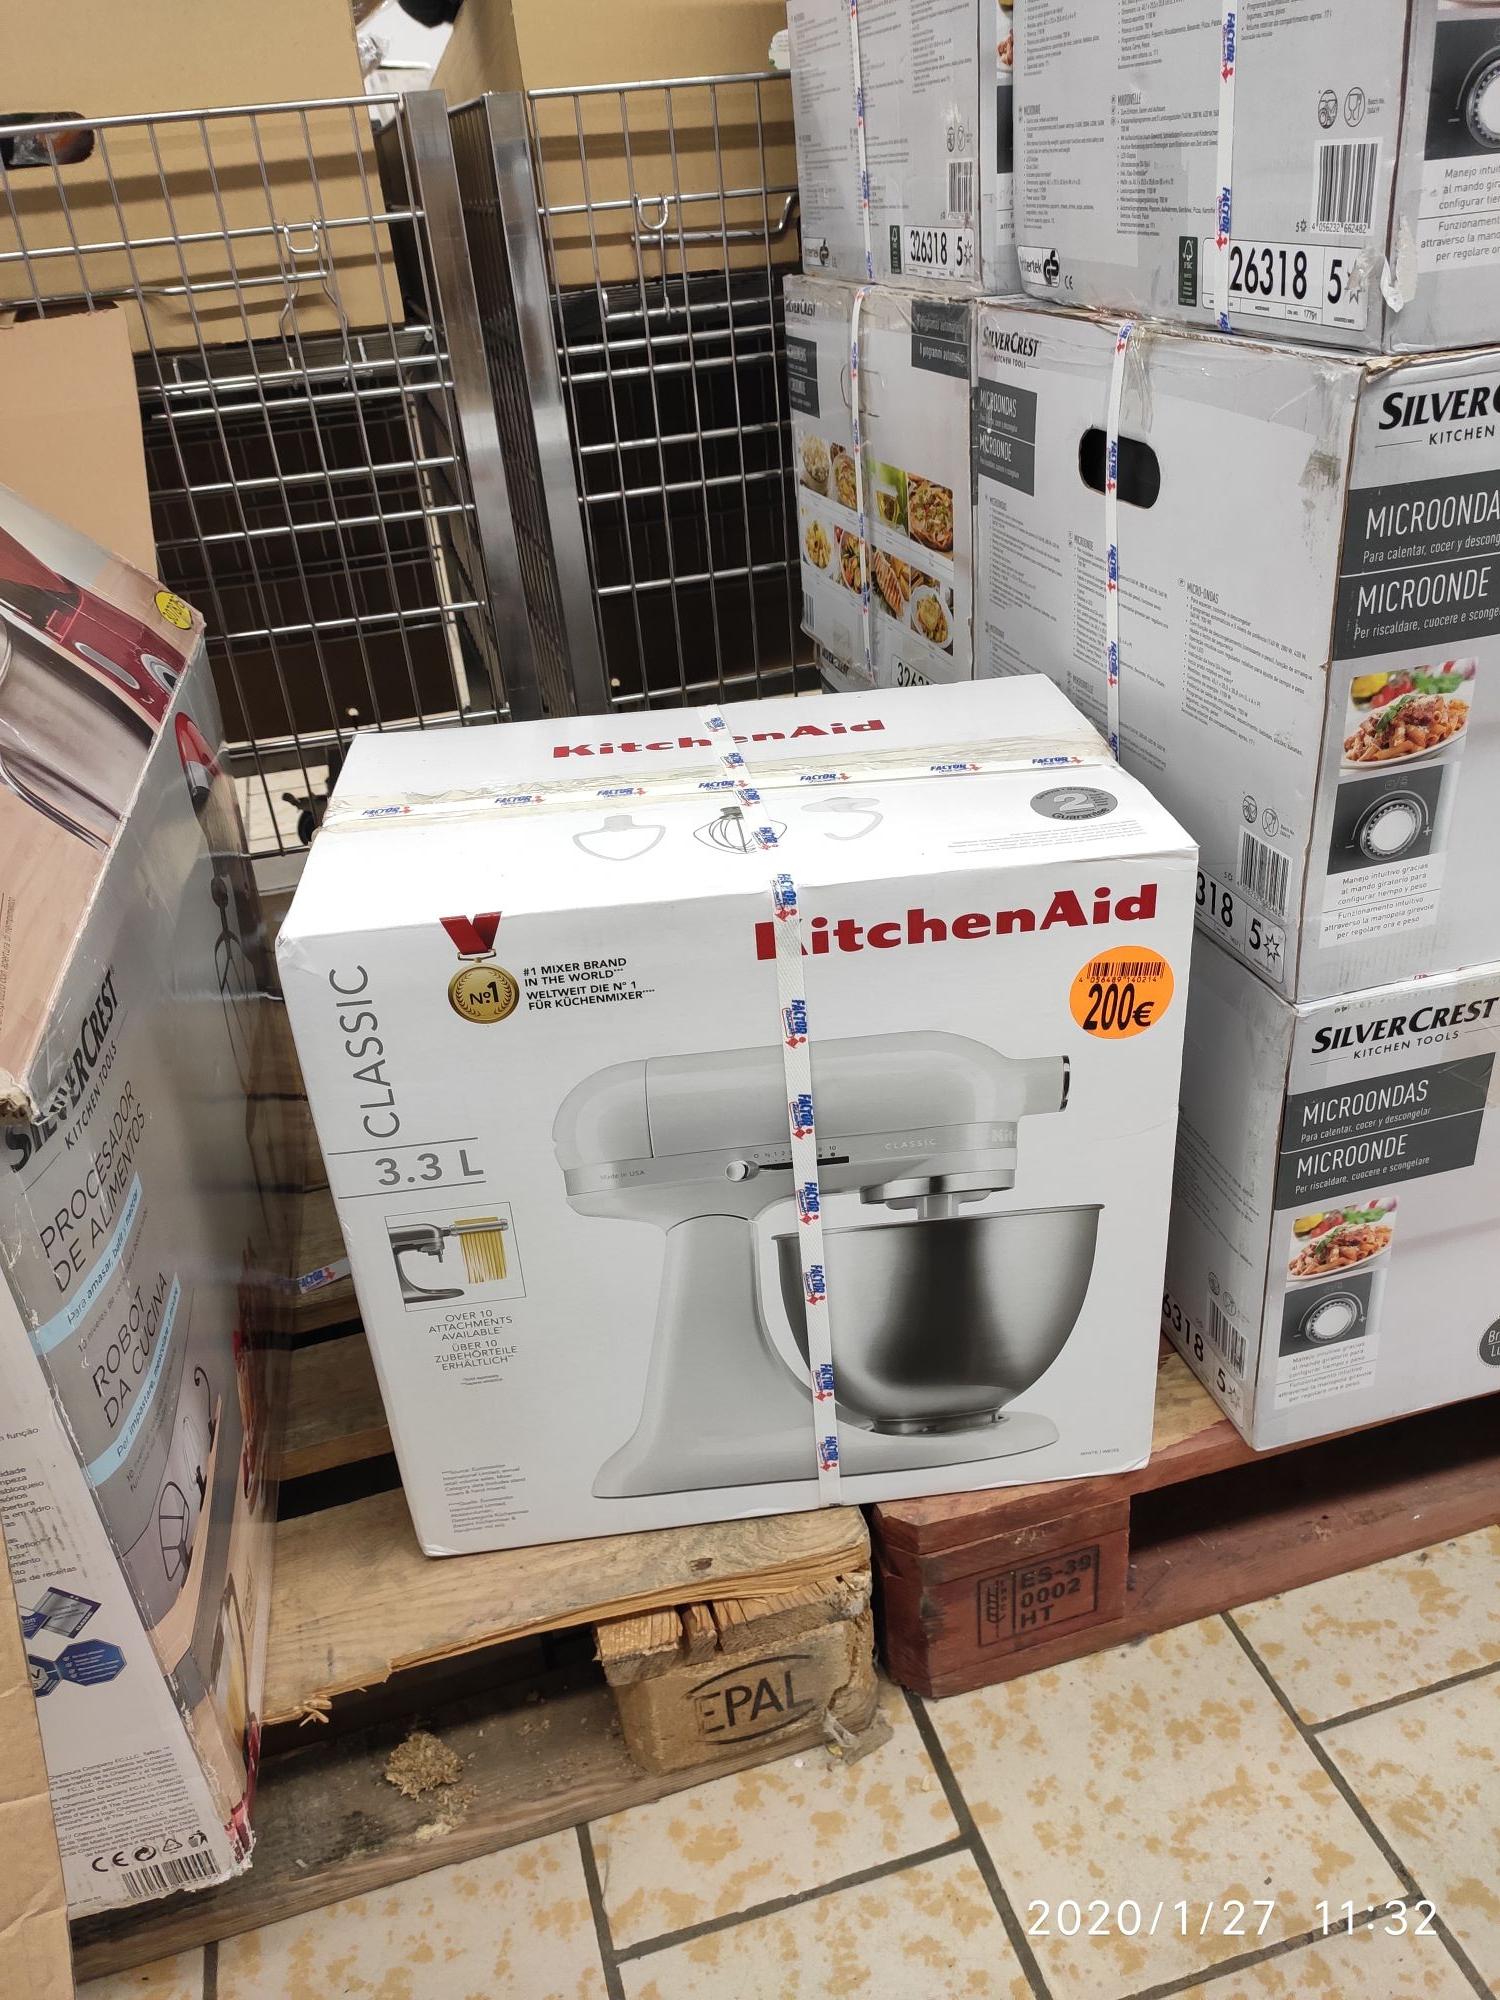 Amasadora Kitchen Aid 200 euros Pinto